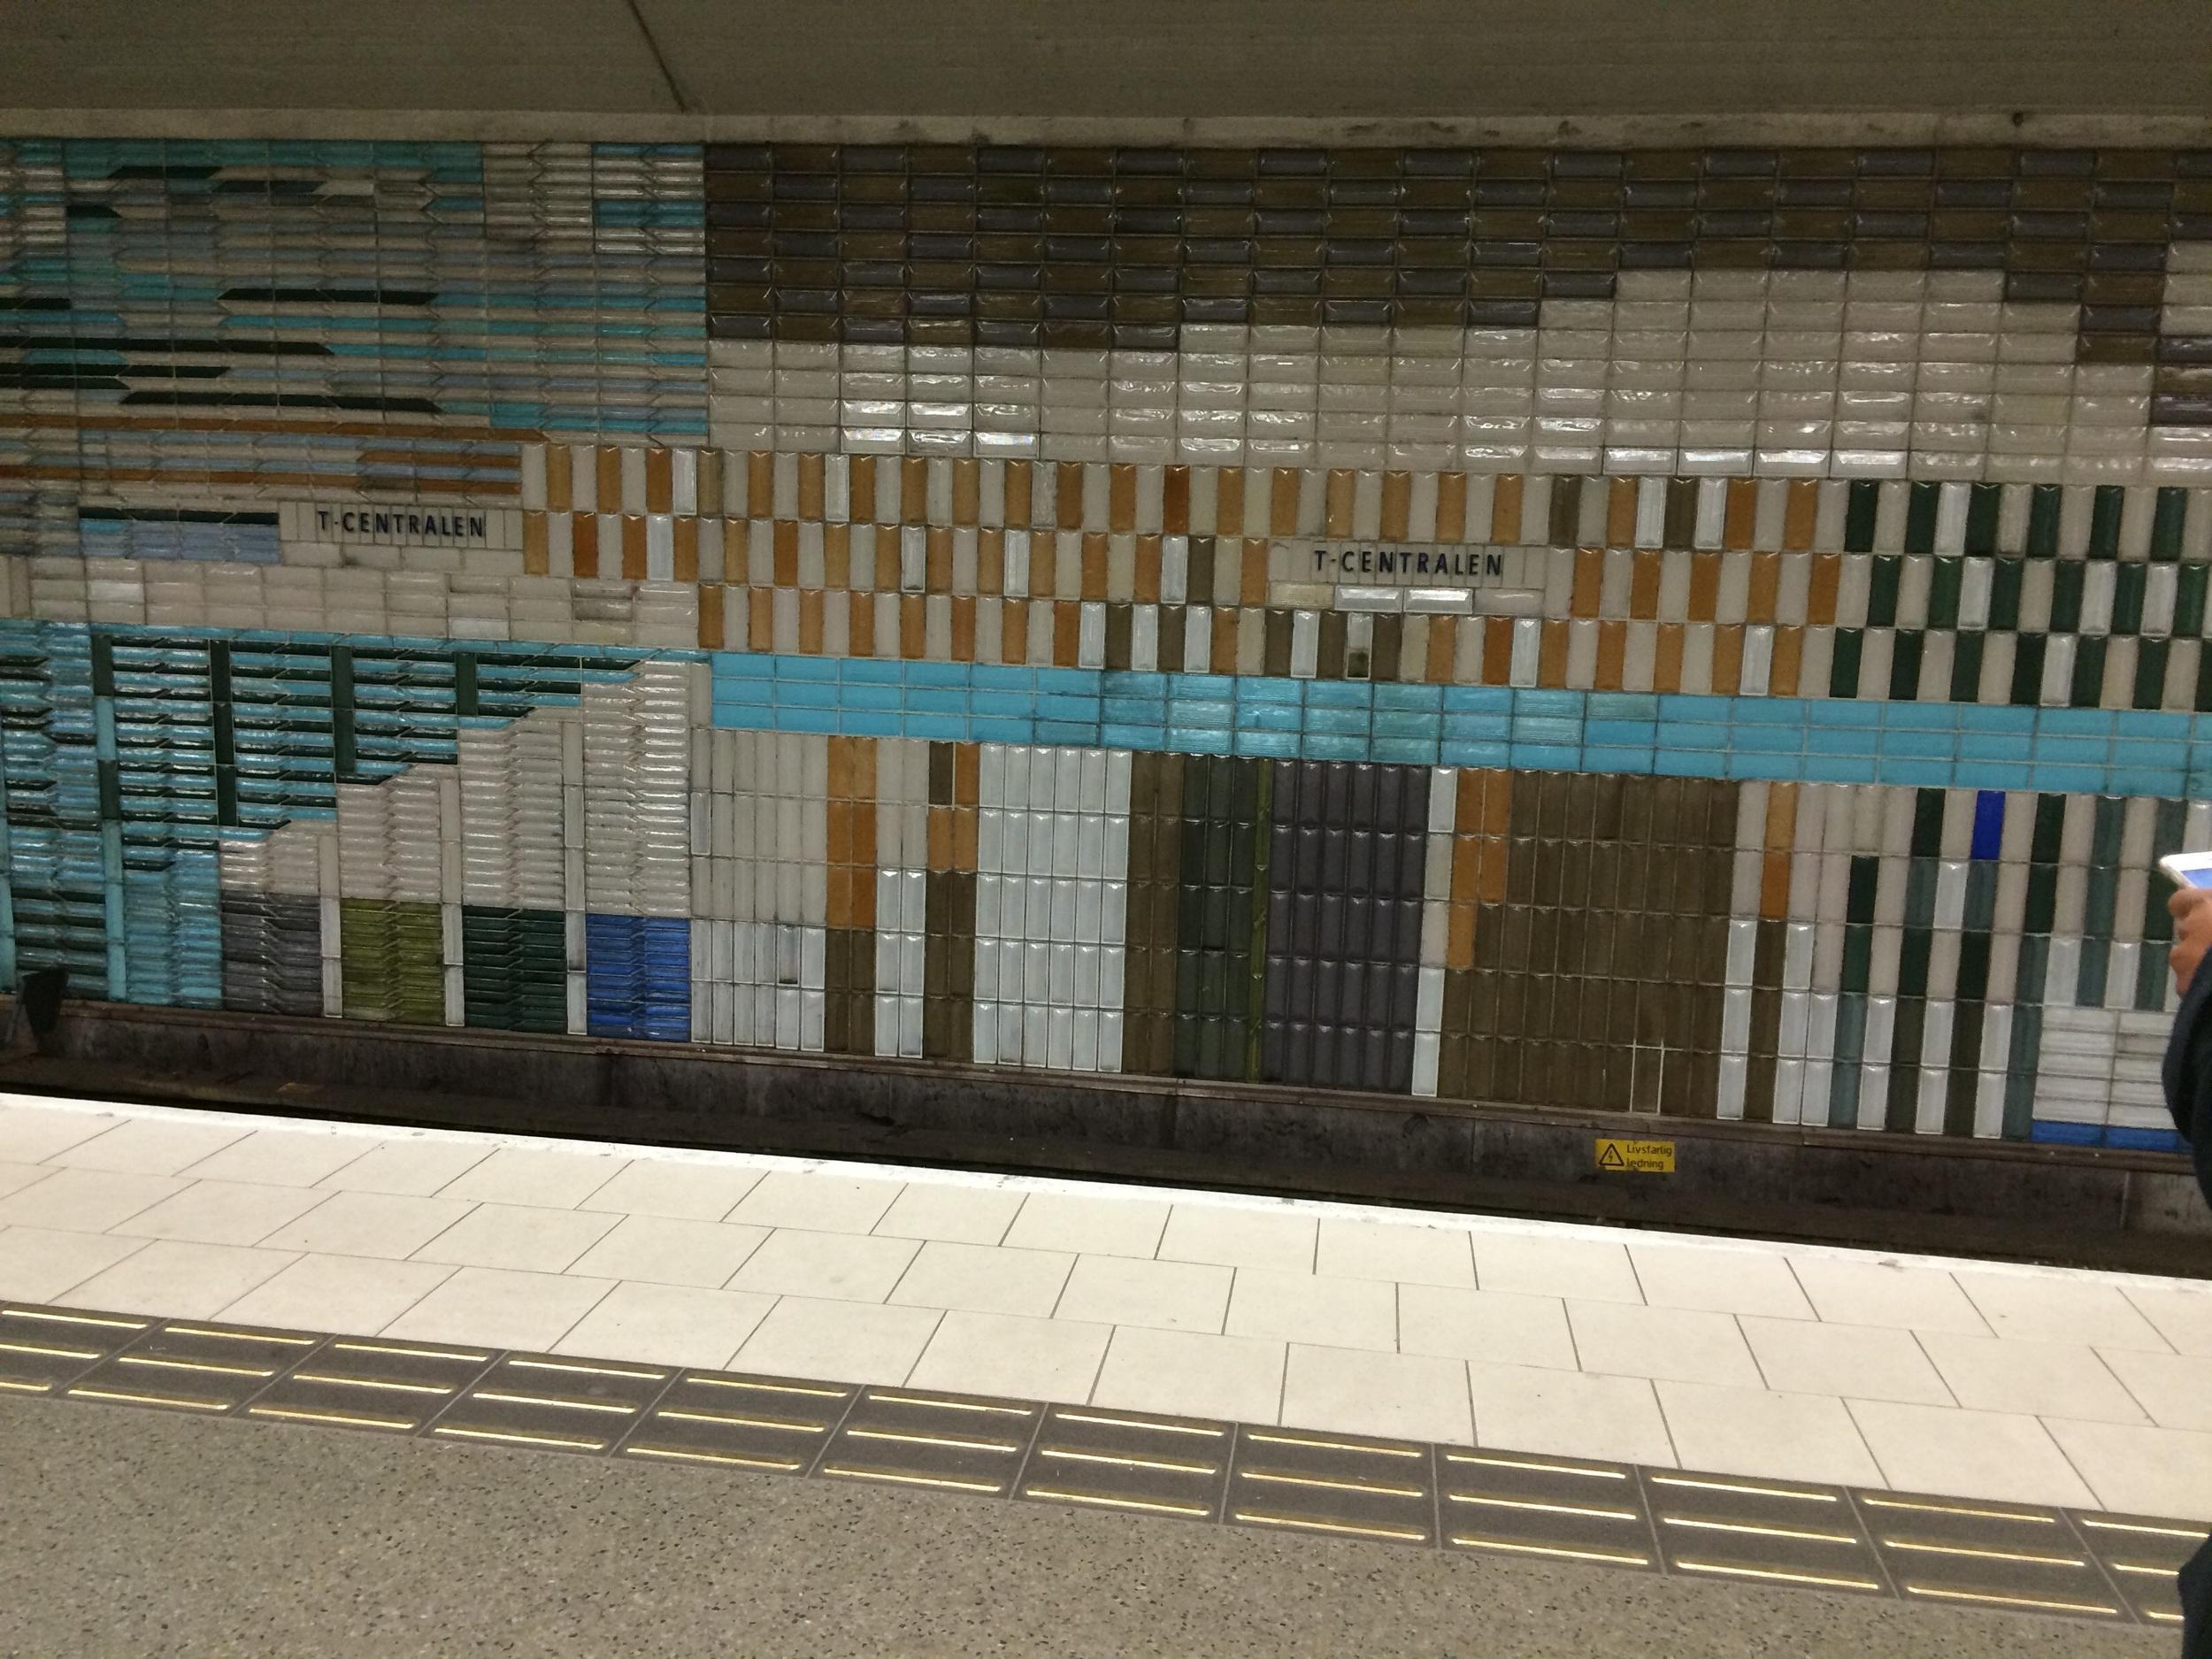 Central station Stockholm